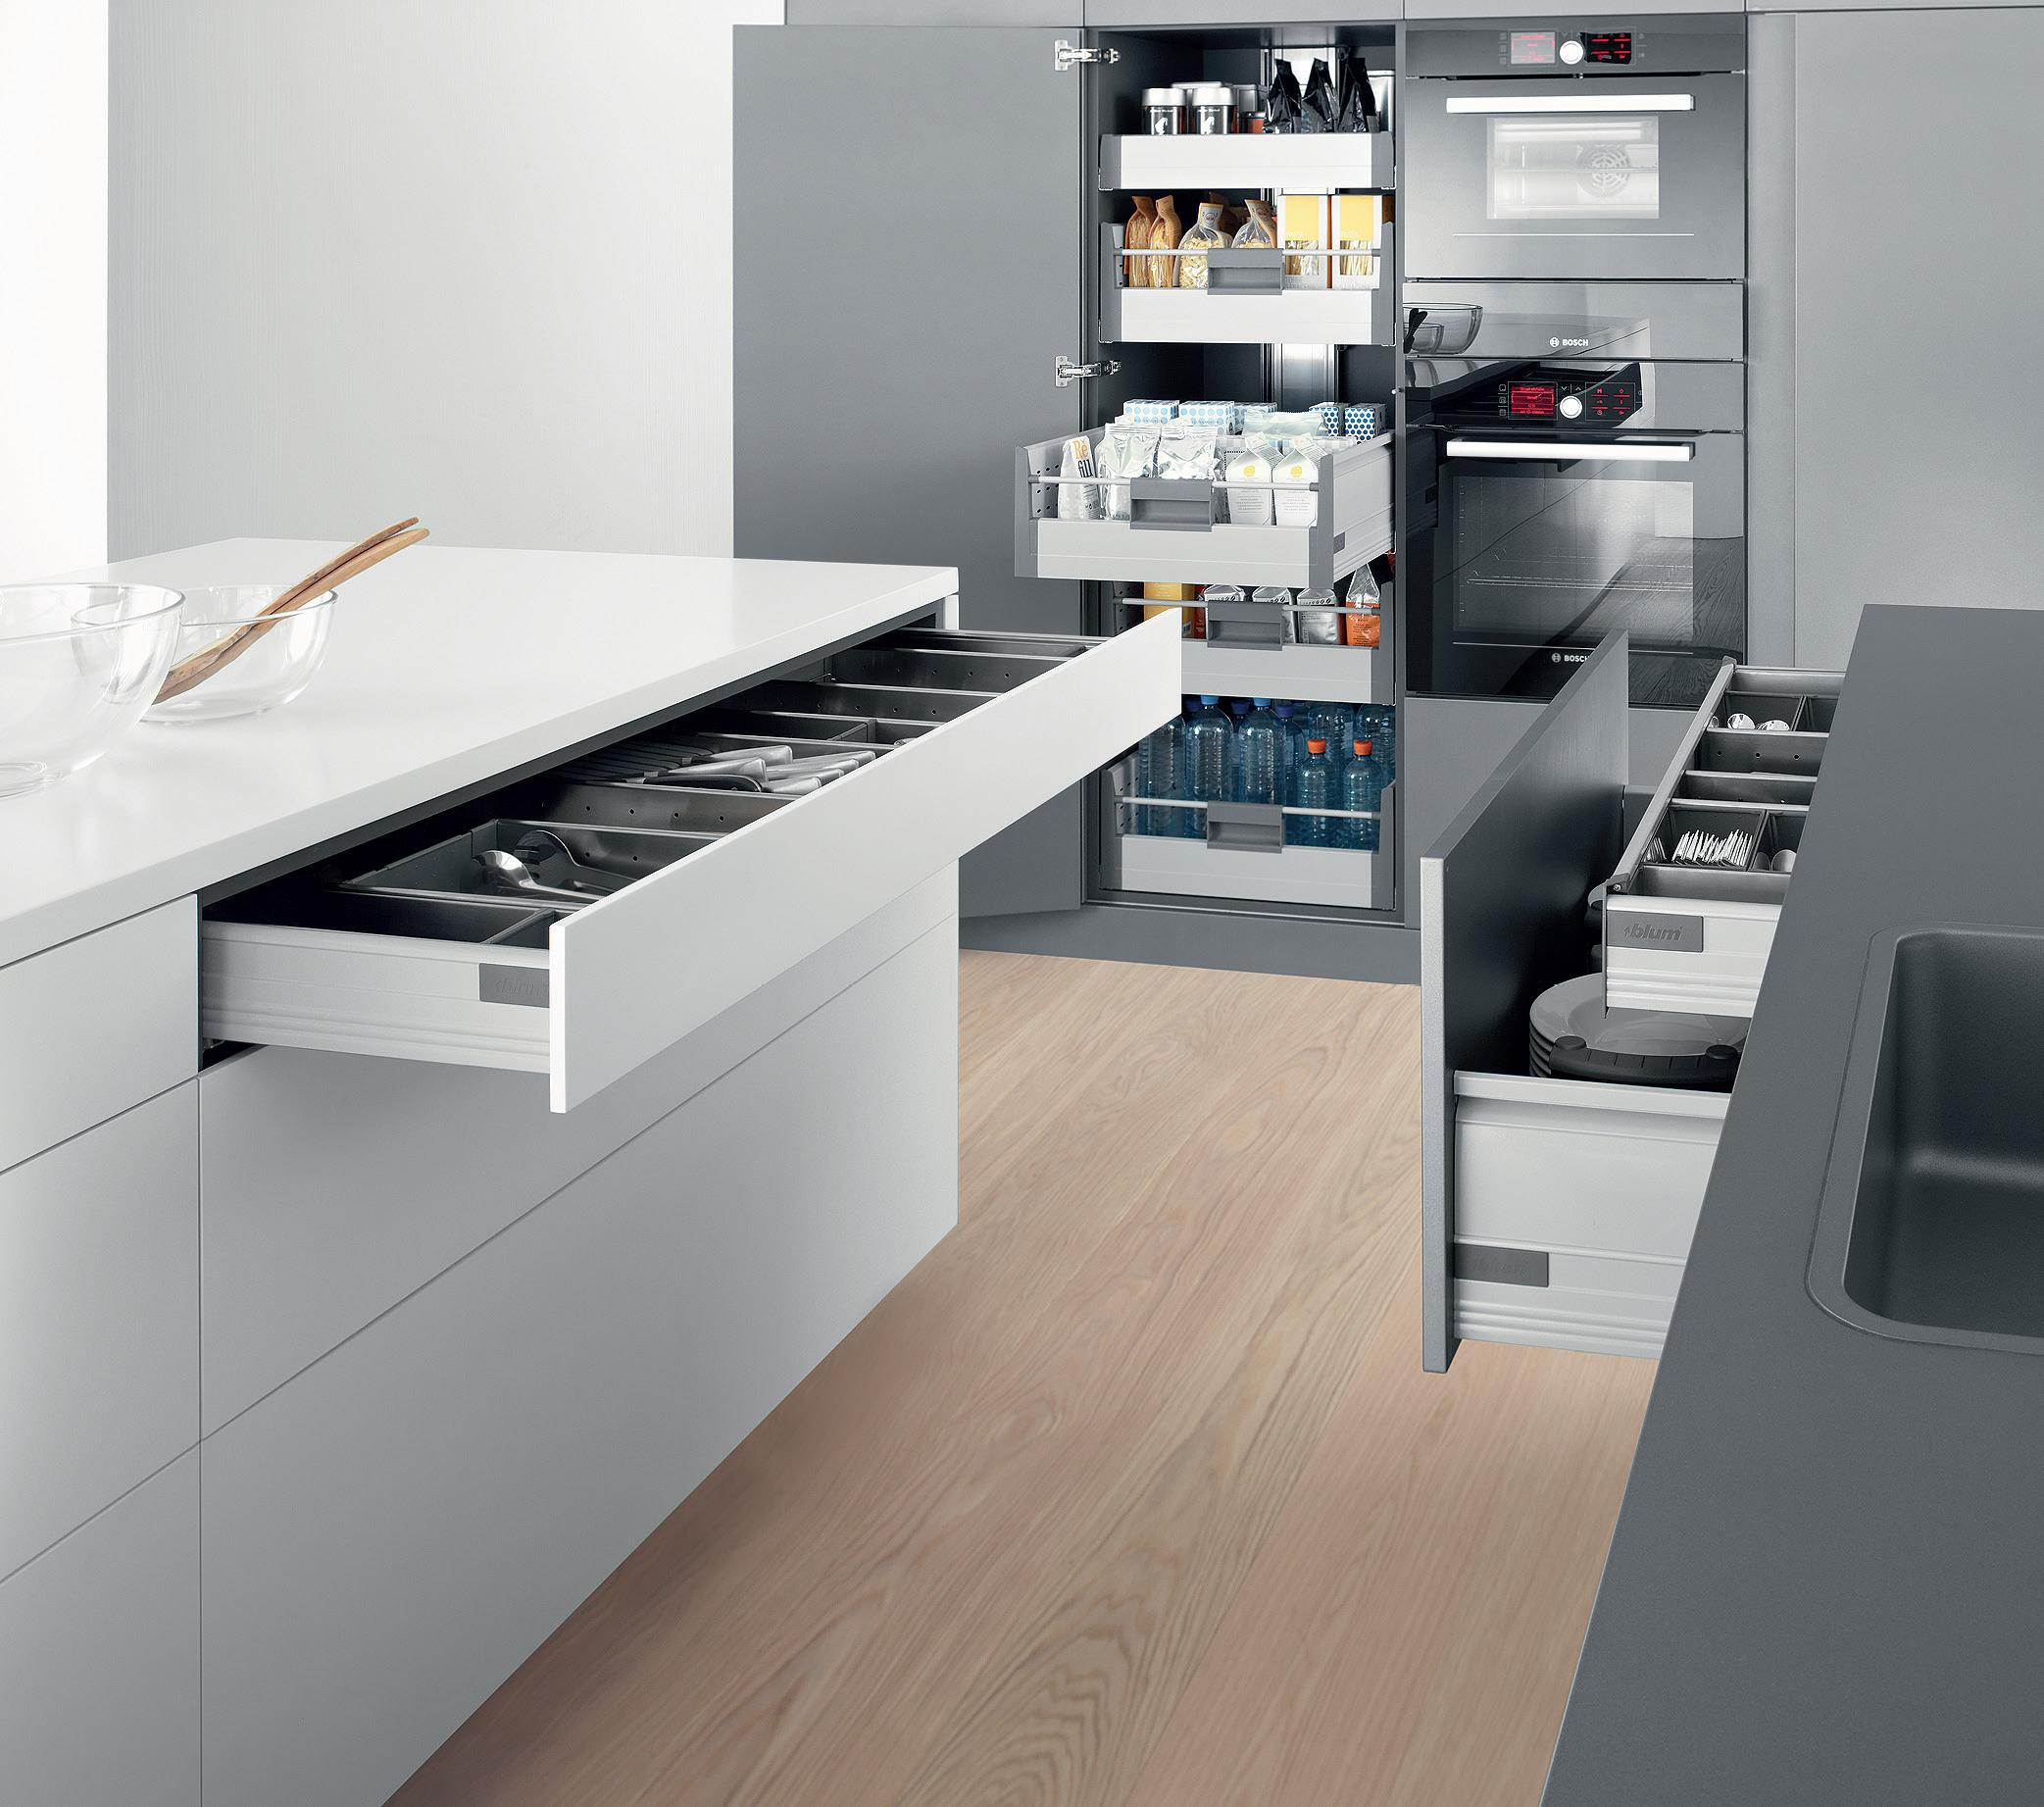 Gemütlich Küche Und Bad Designs Va Galerie - Ideen Für Die Küche ...